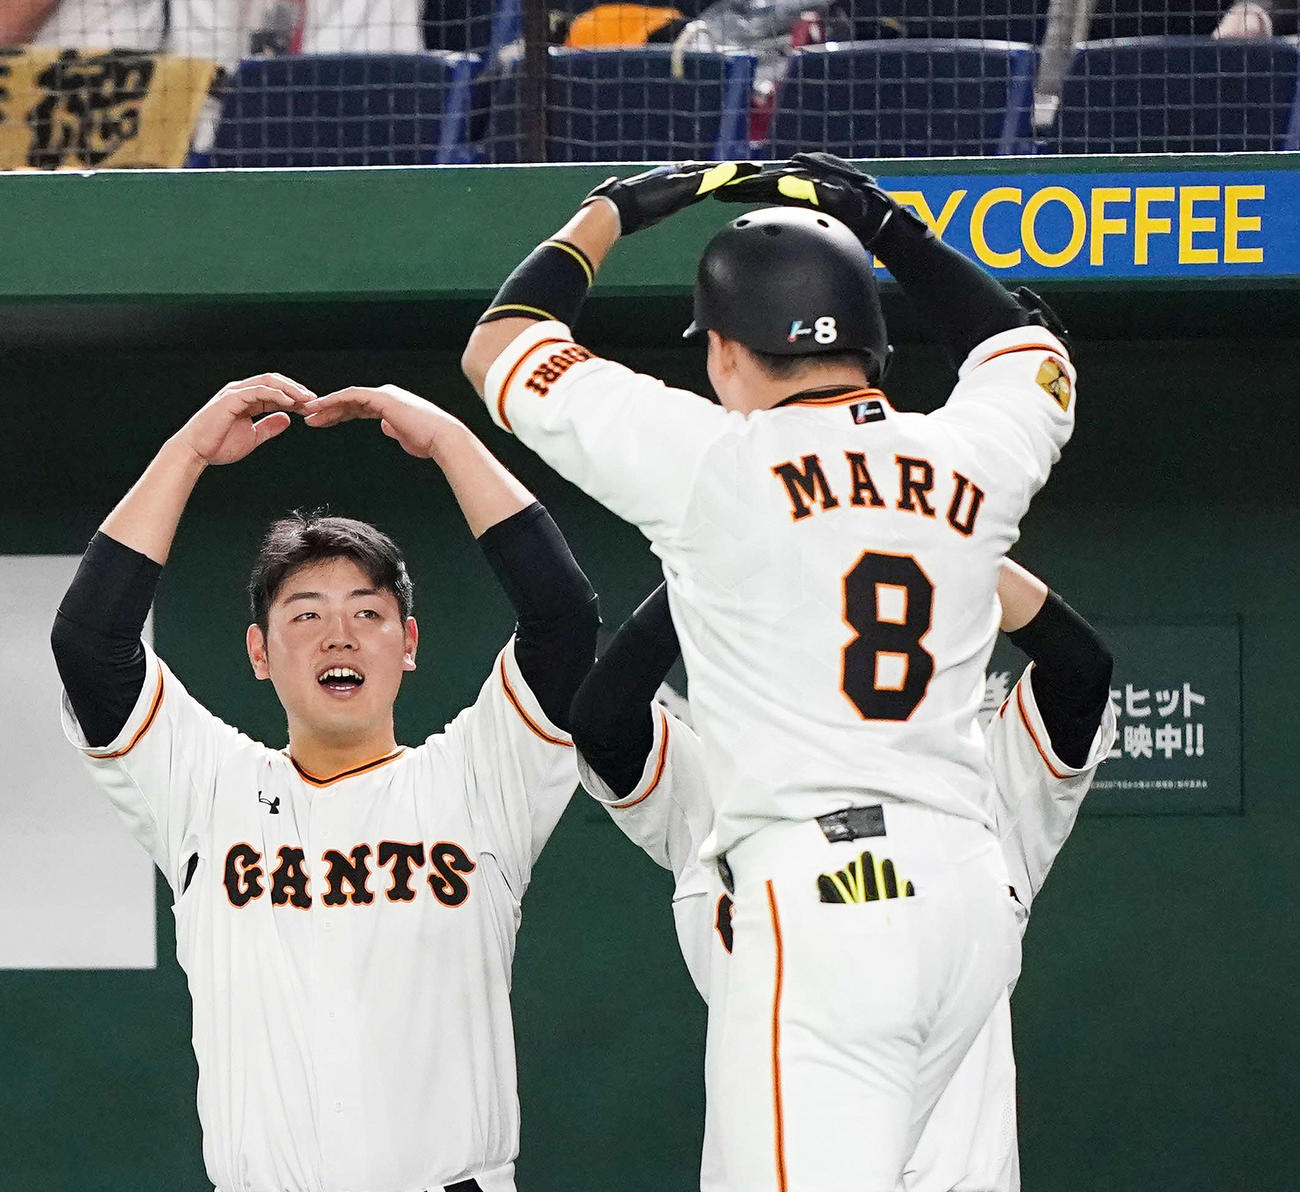 本塁打の丸を「丸ポーズ」で迎える岡本和真(2020年9月2日撮影)